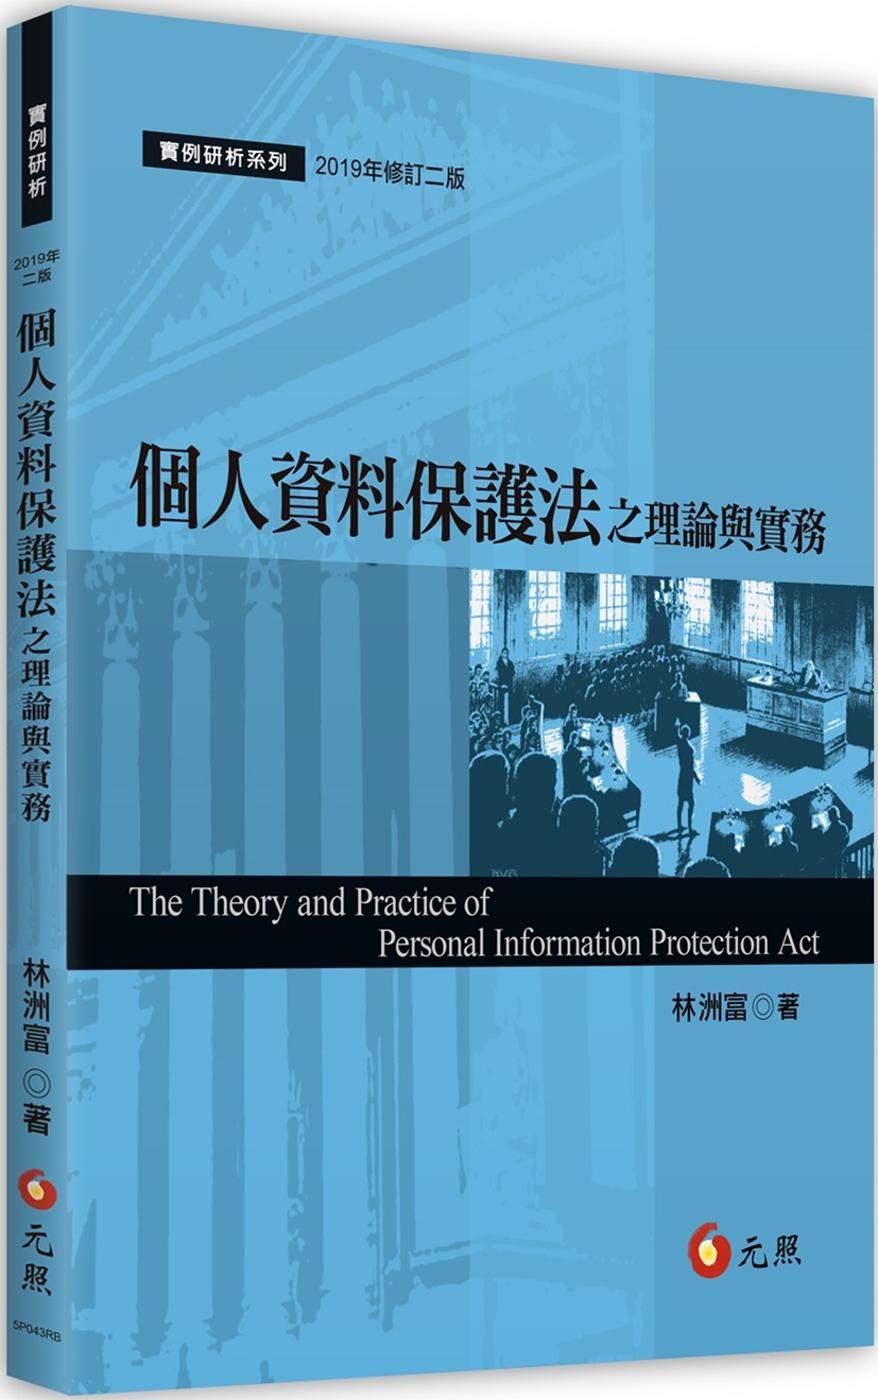 個人資料保護法之理論與實務(二版)